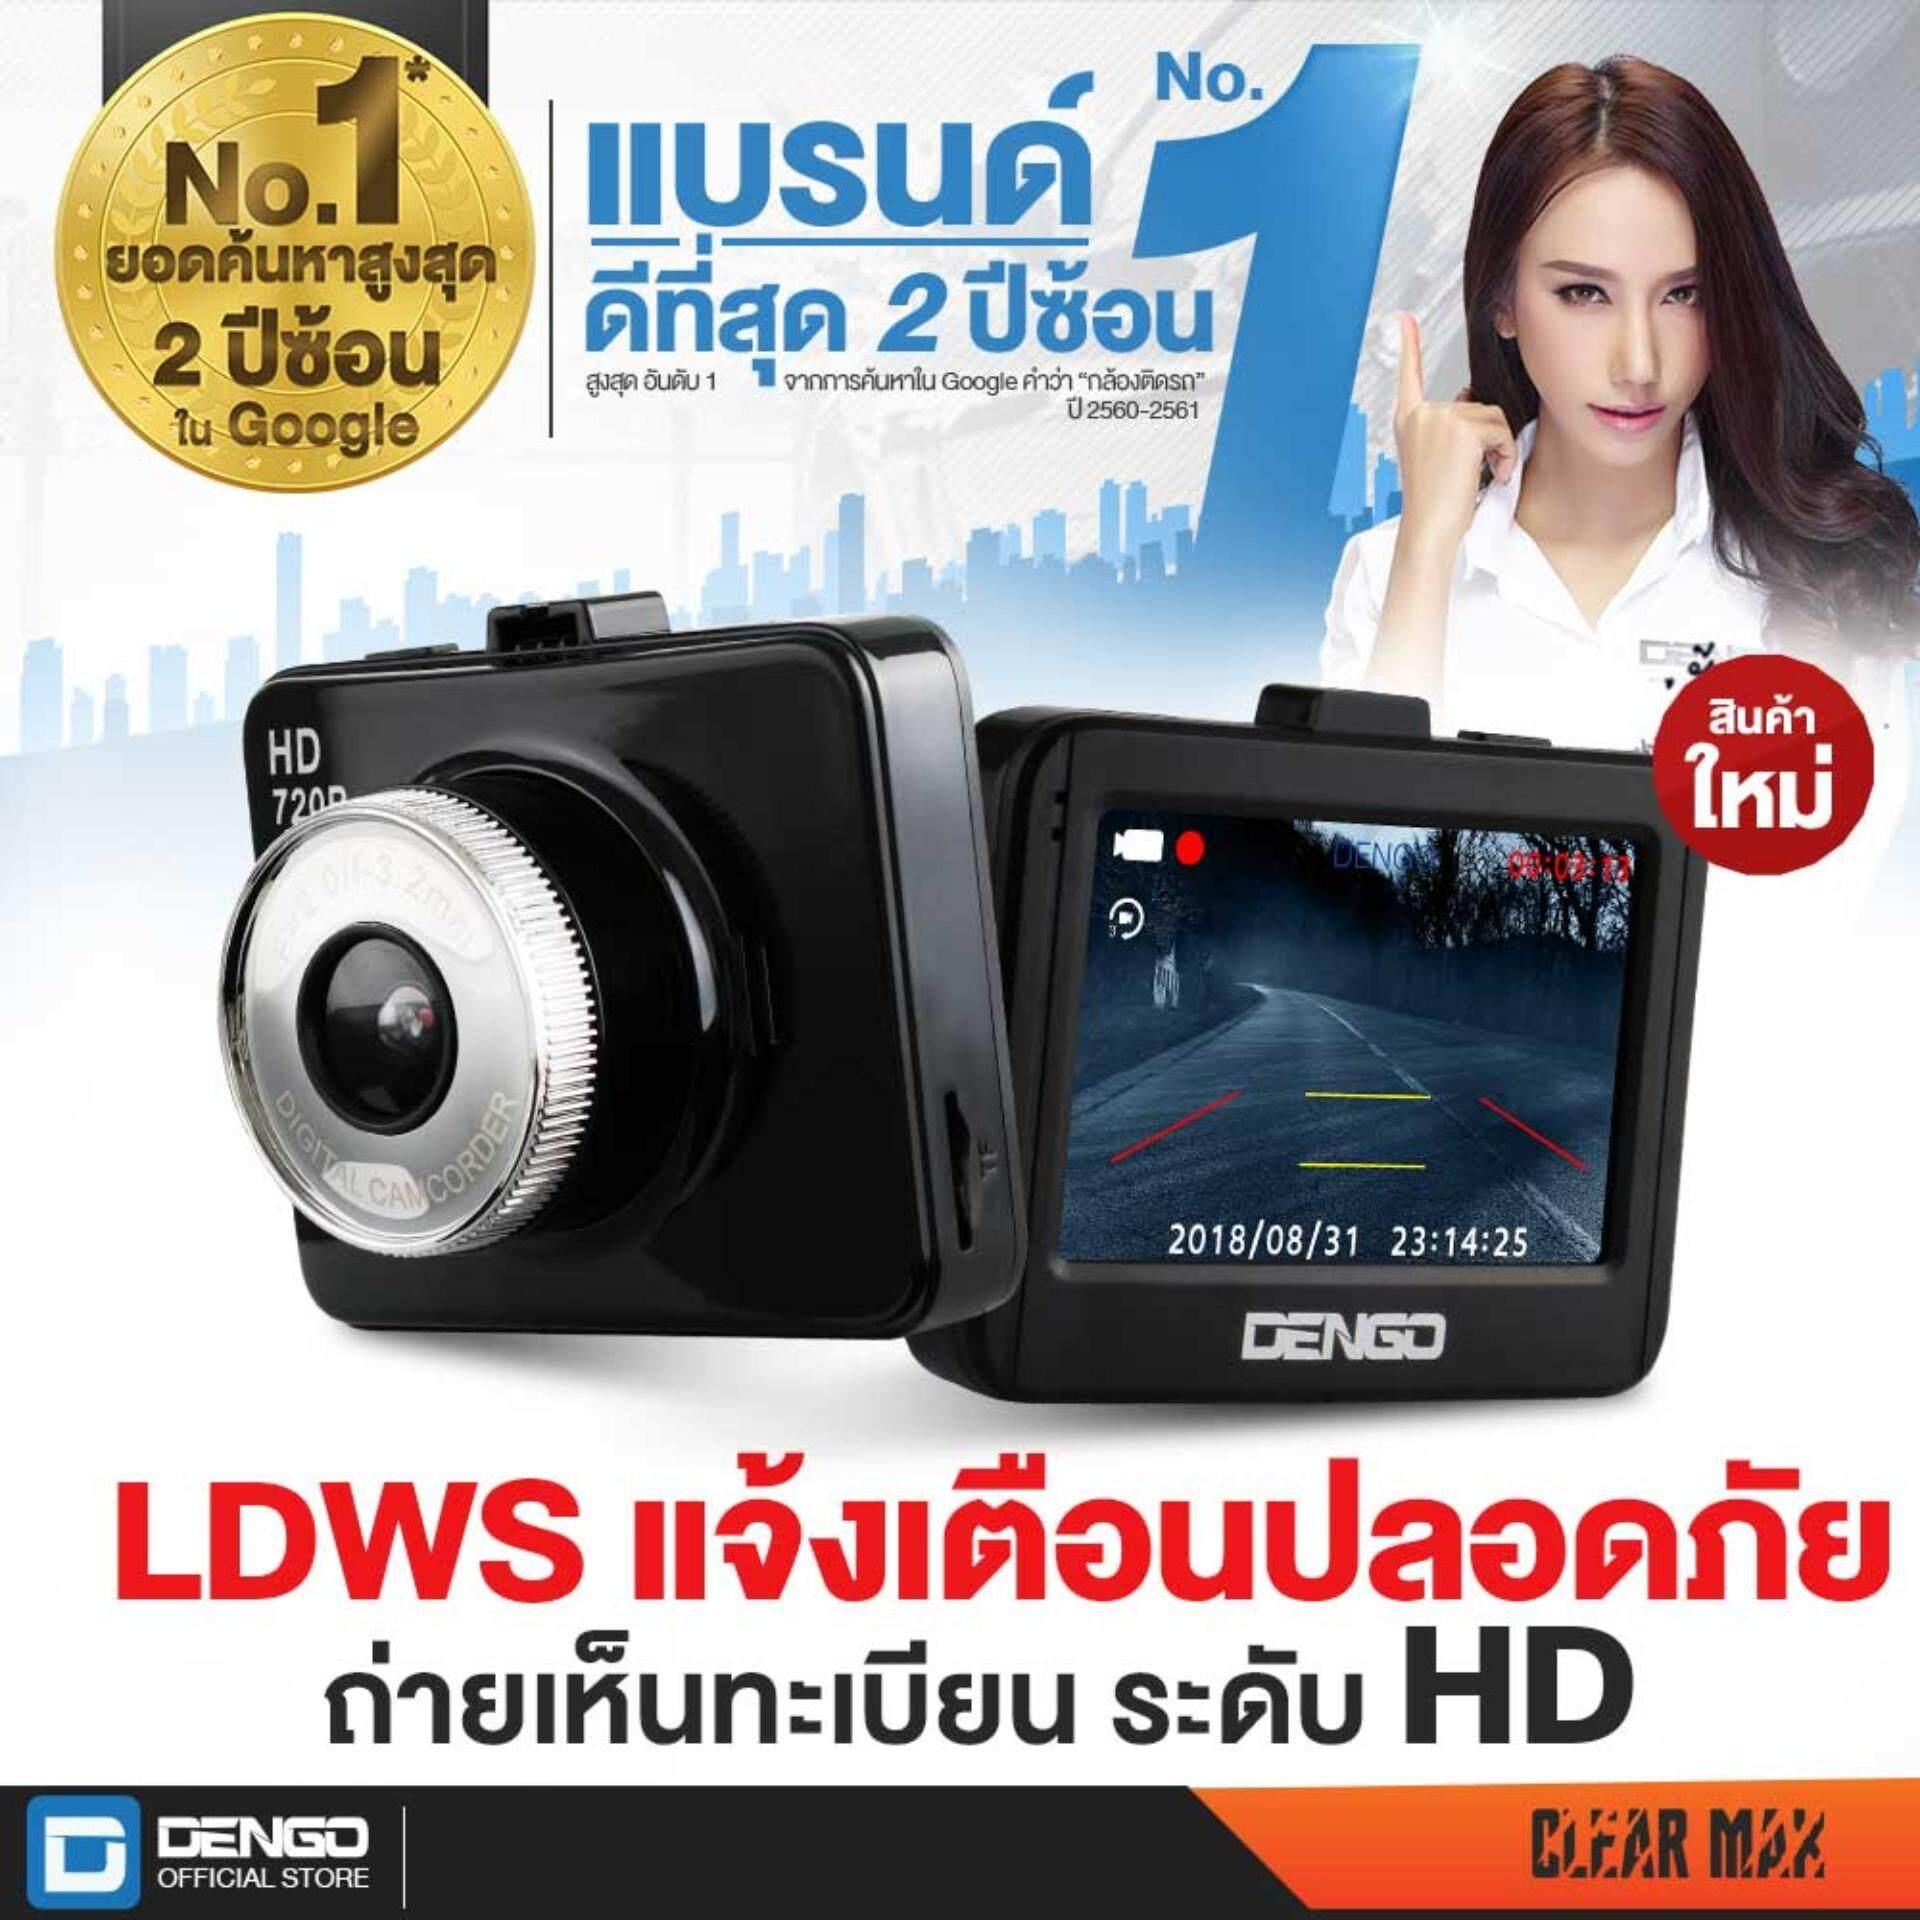 DENGO Clear Max (Black) คุ้ม ชัด ปลอดภัย ในทุกเสี้ยววินาที ชัดระดับ HD แจ้งเตือนออนอกเลน และแจ้งเตือนระยะประชิด พร้อมเมนูภาษาไทย